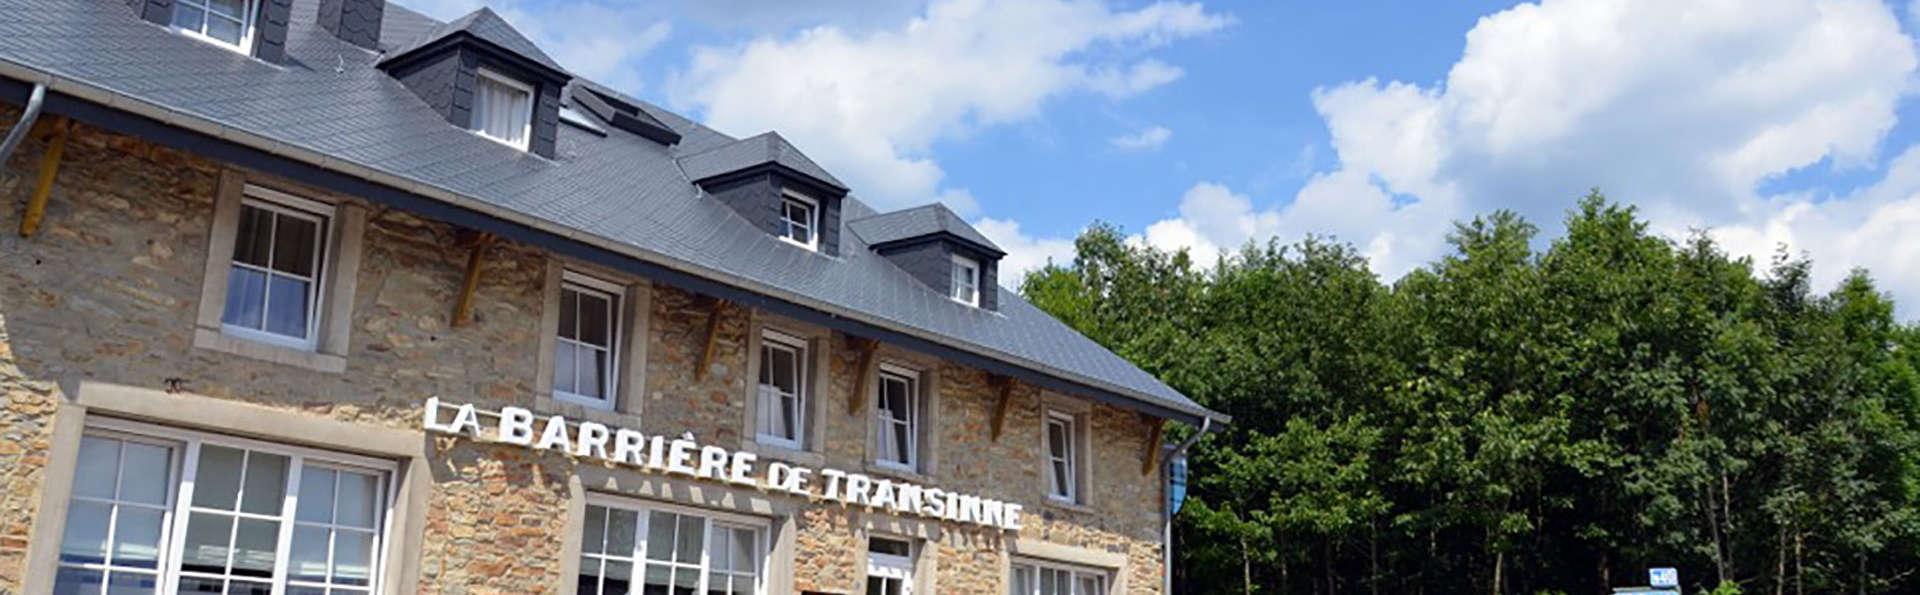 Hotel la Barrière de Transinne - Edit_Front2.jpg